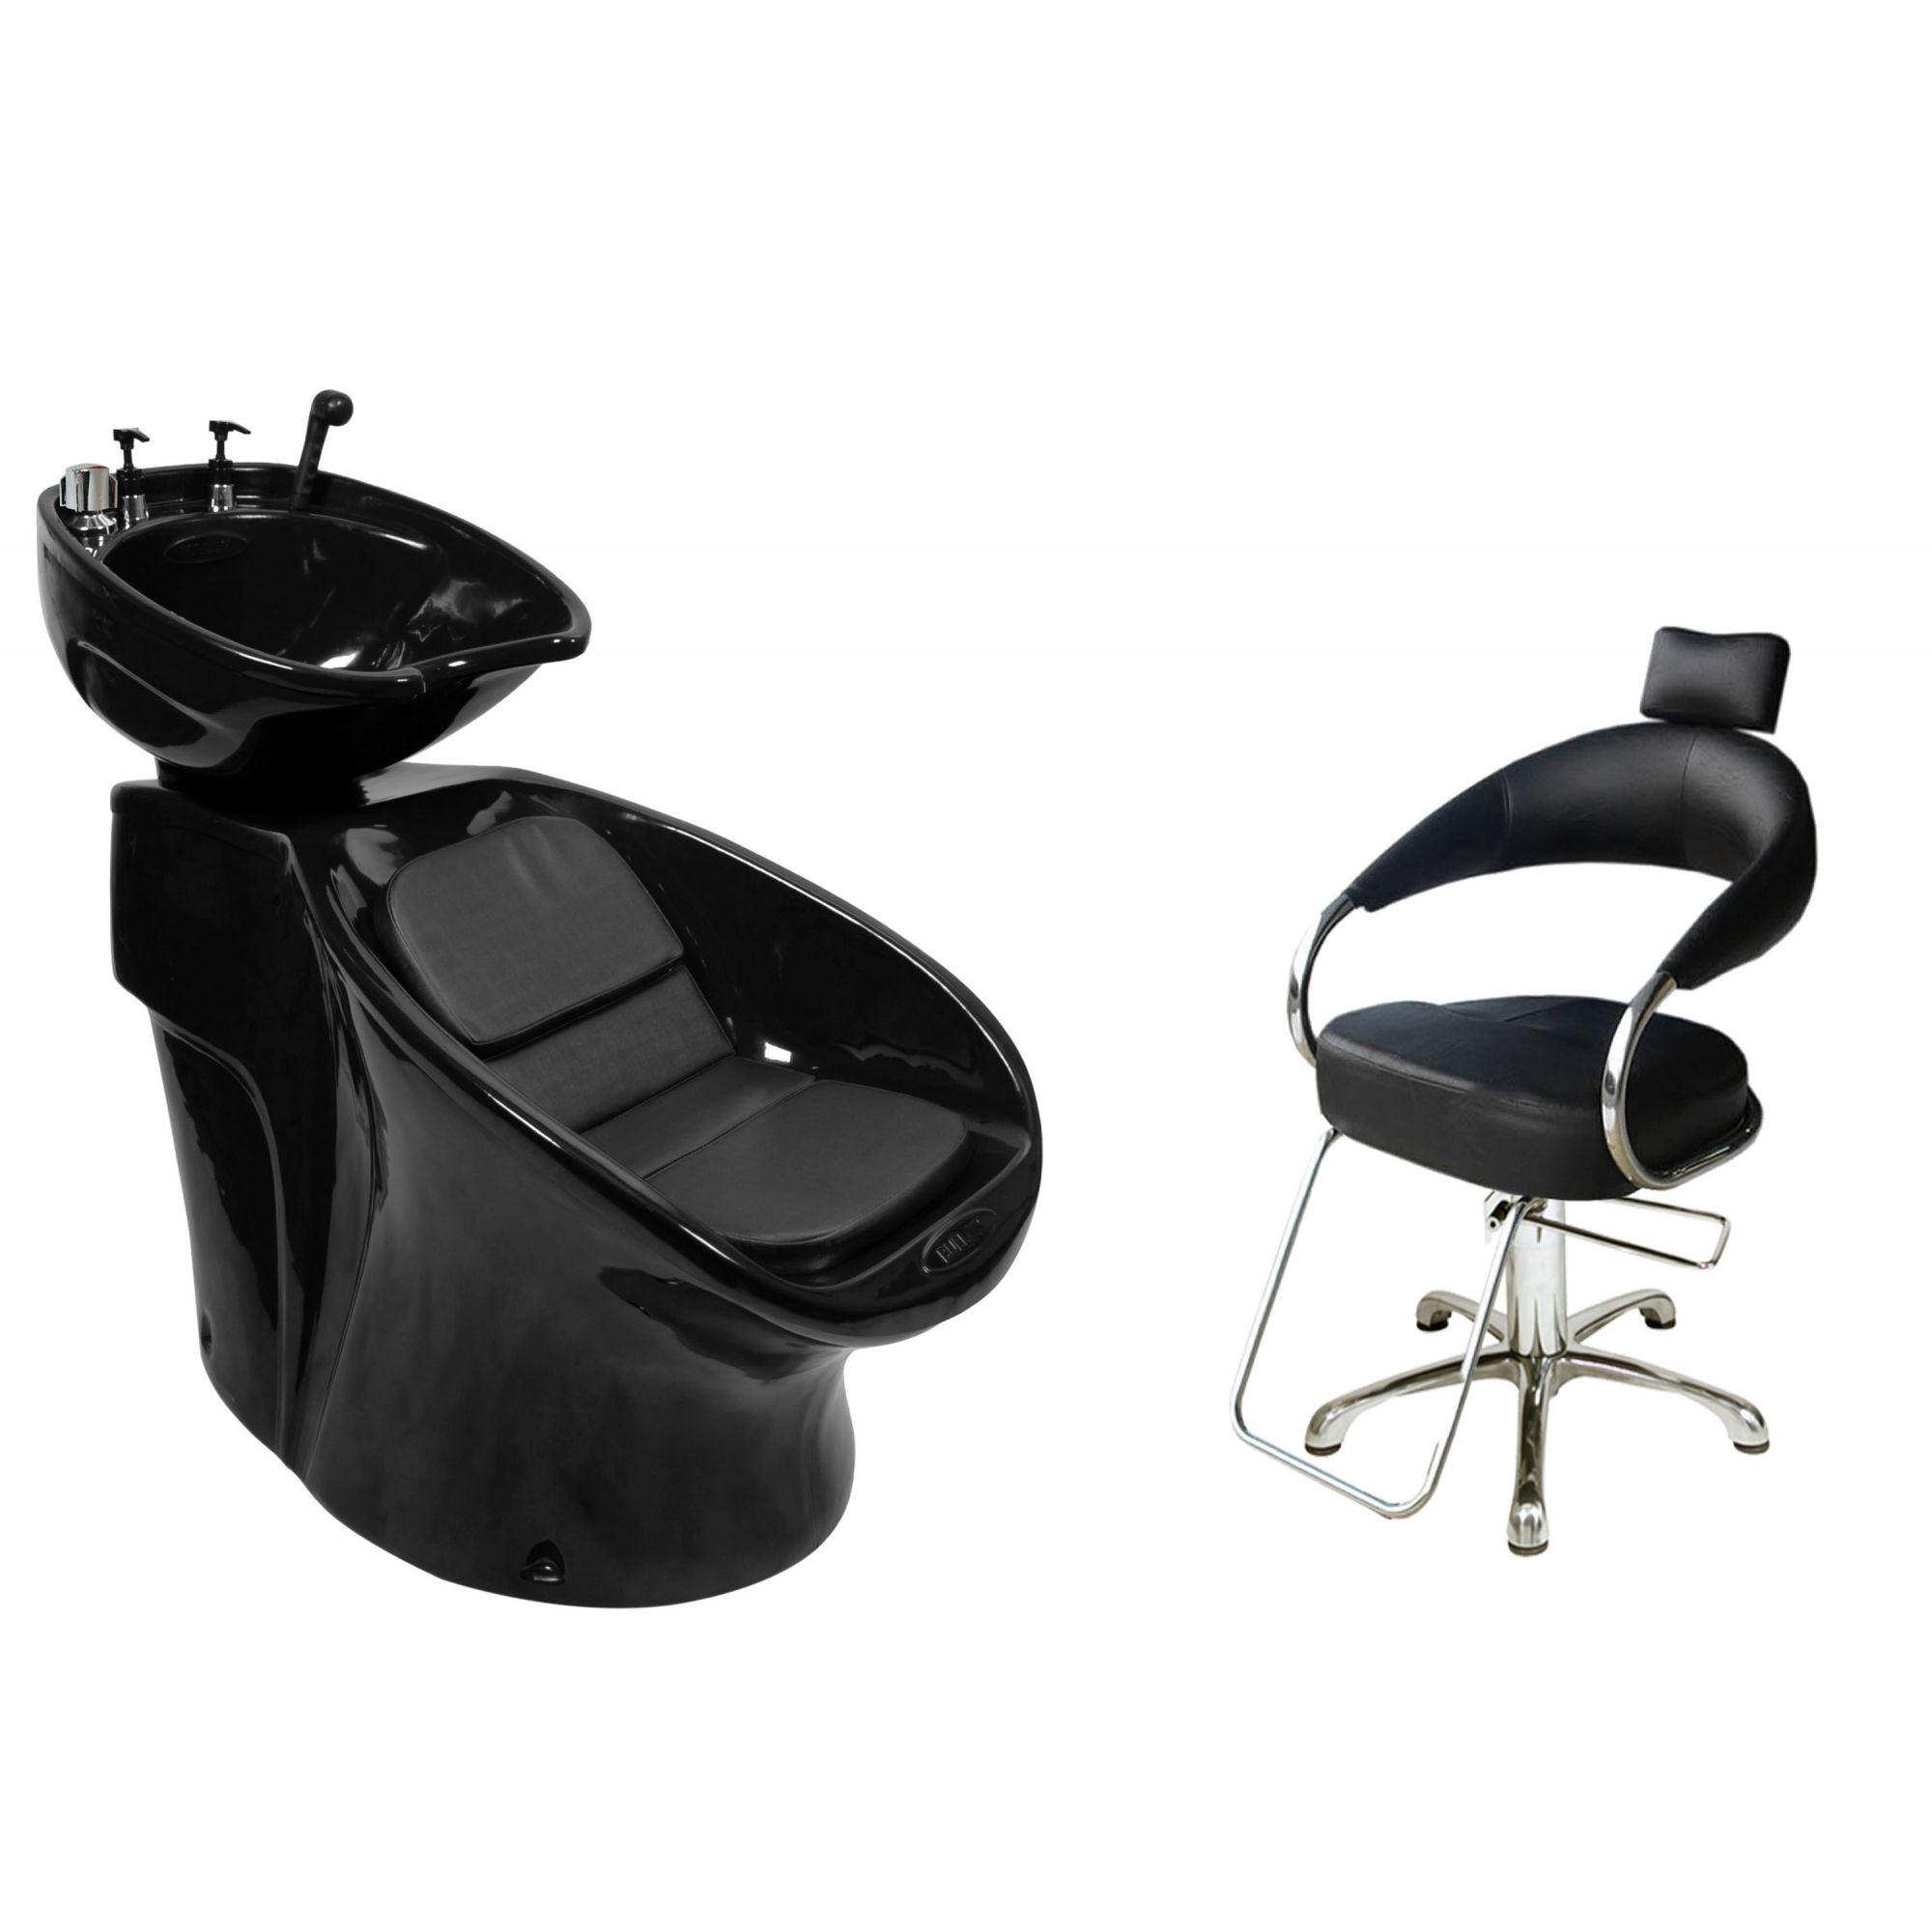 Lavatório Neon Shampoo + Cadeira Hidráulica Futurama - BF